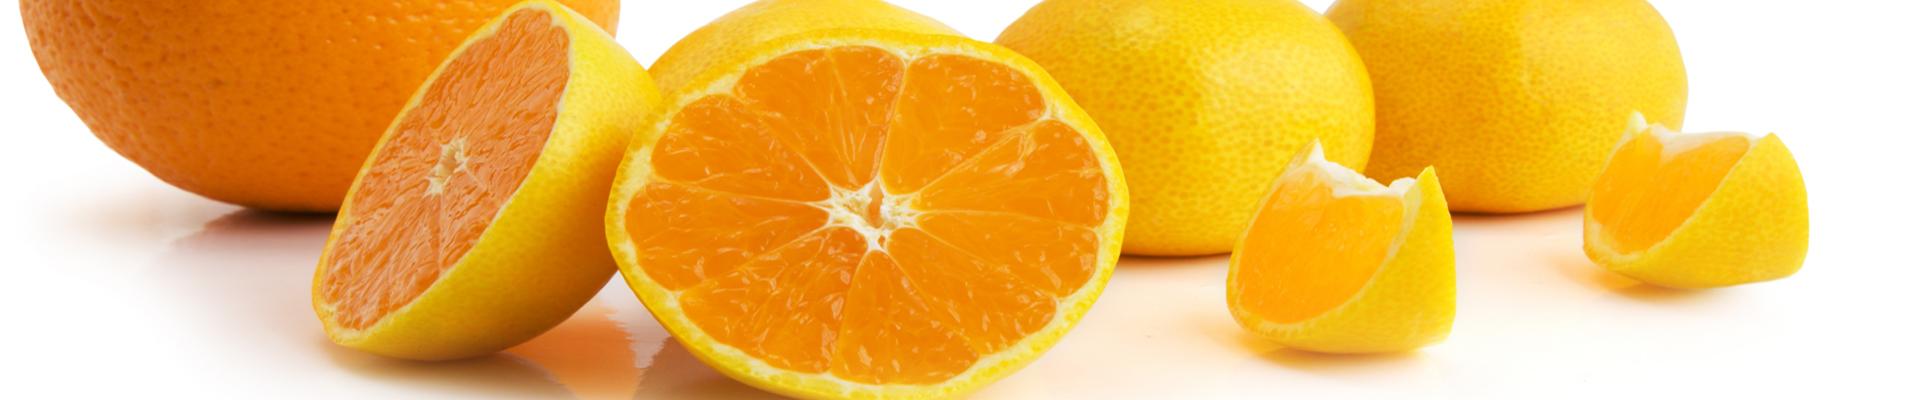 Boletín de fruta, junio 2021